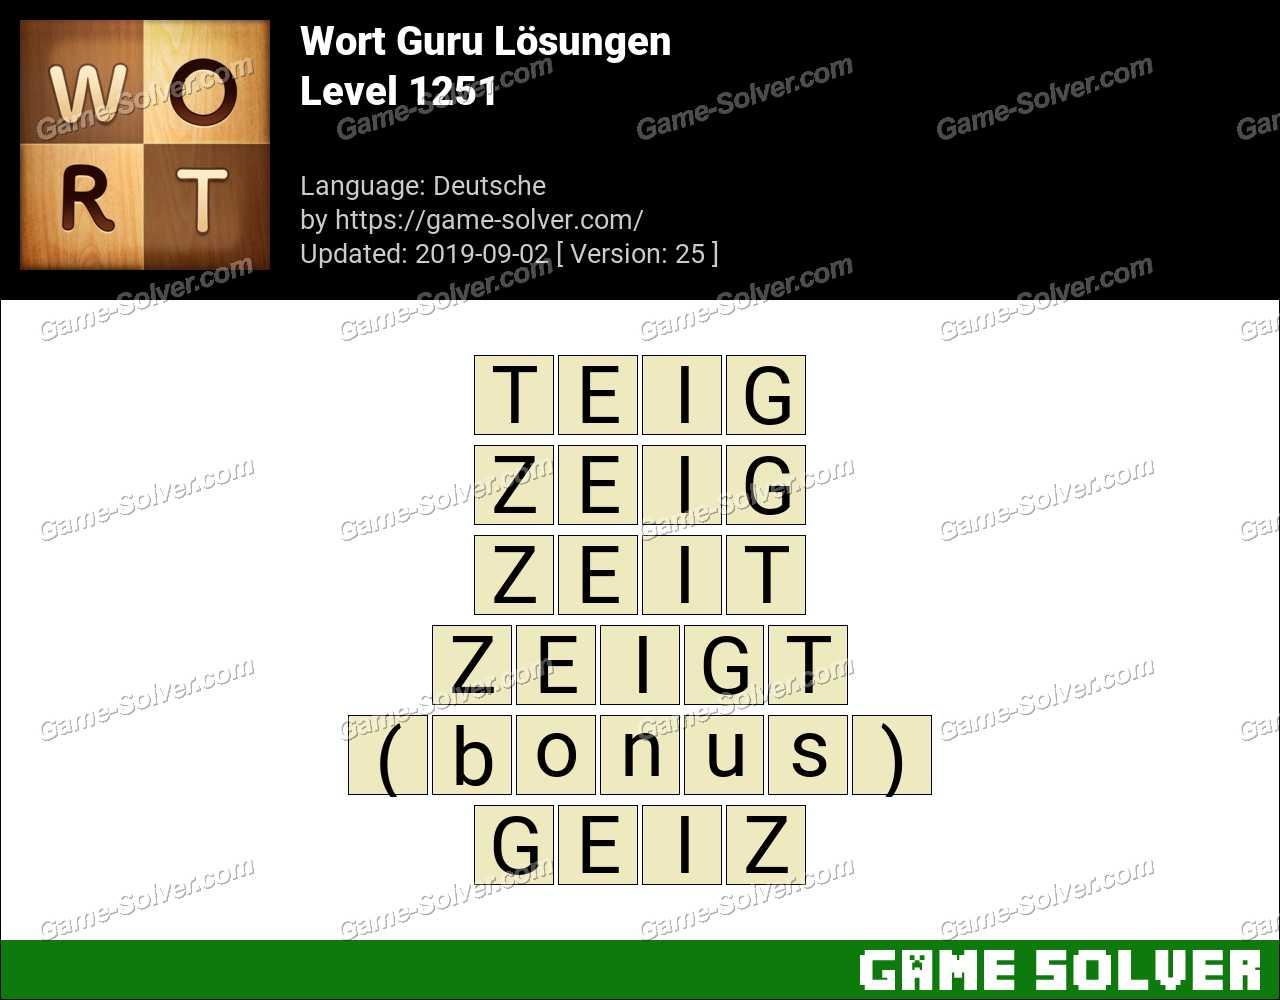 Wort Guru Level 1251 Lösungen